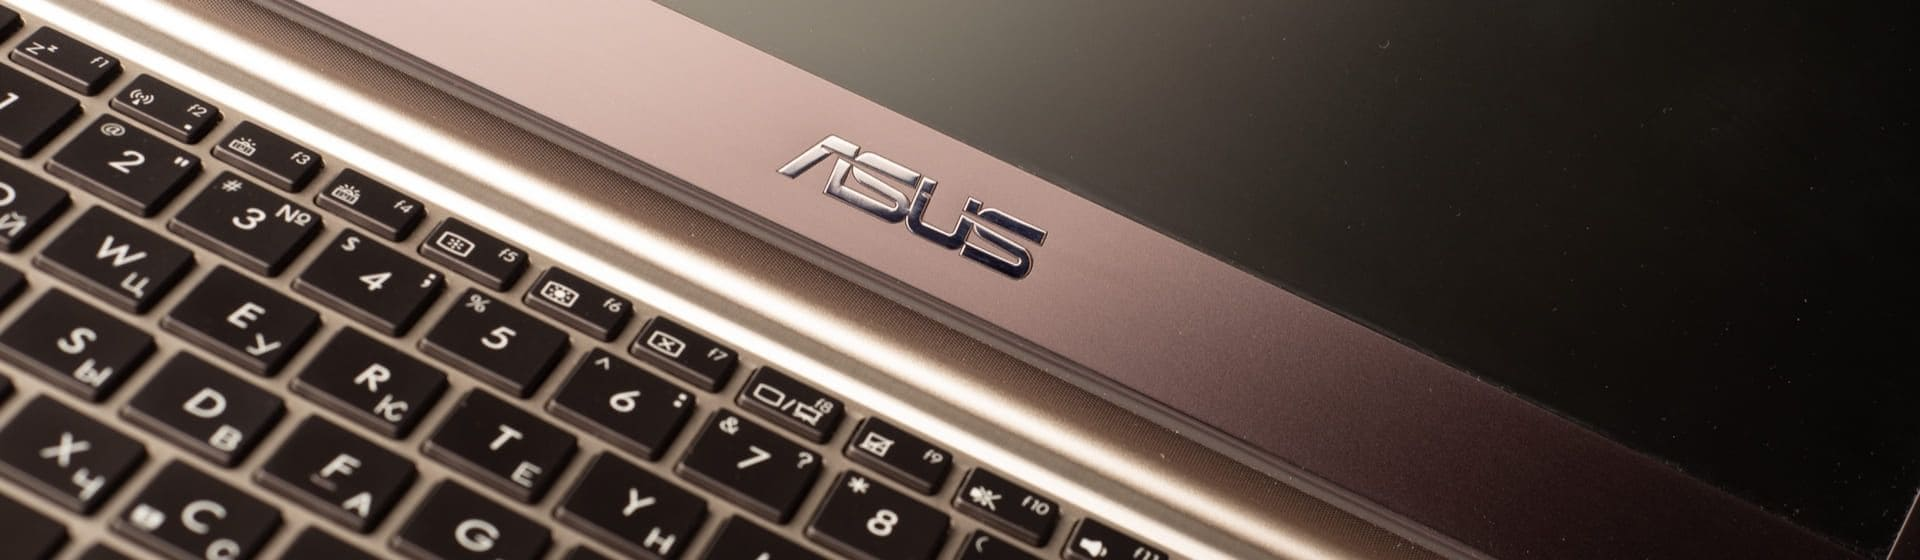 Melhor notebook Asus em 2021: veja 12 modelos para comprar